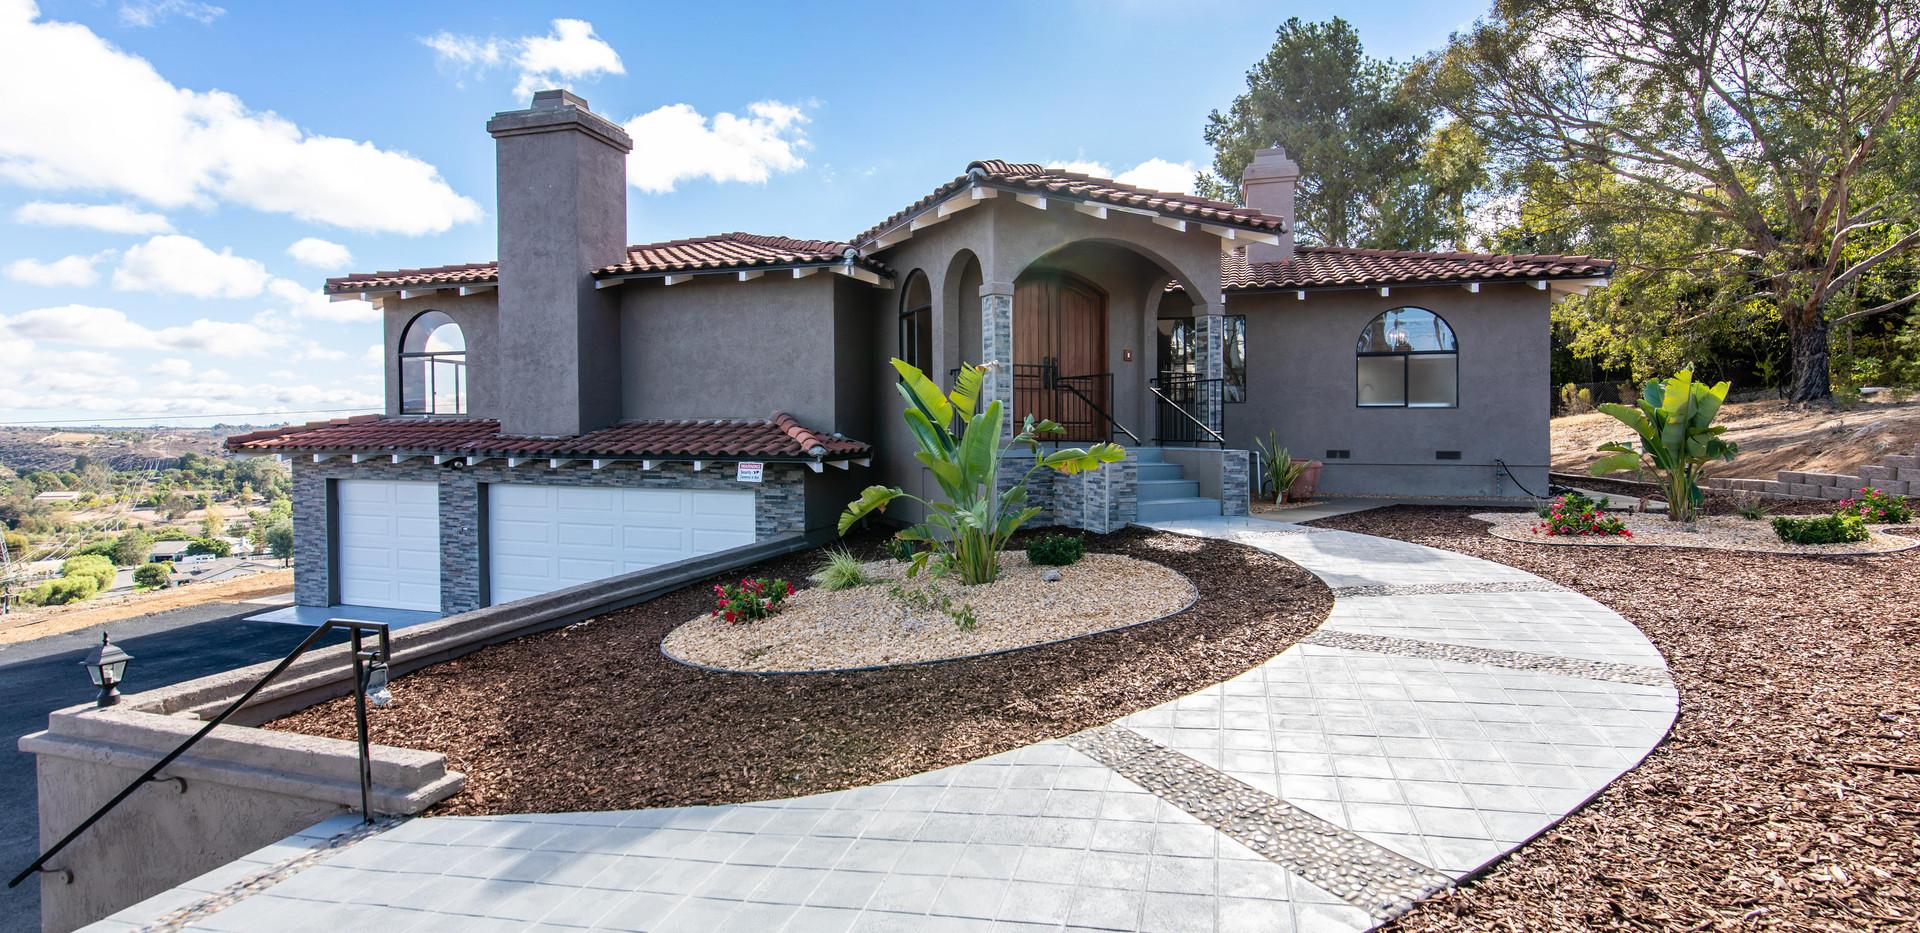 7087 Rancho Santa Fe View Ct-ext-11.jpg